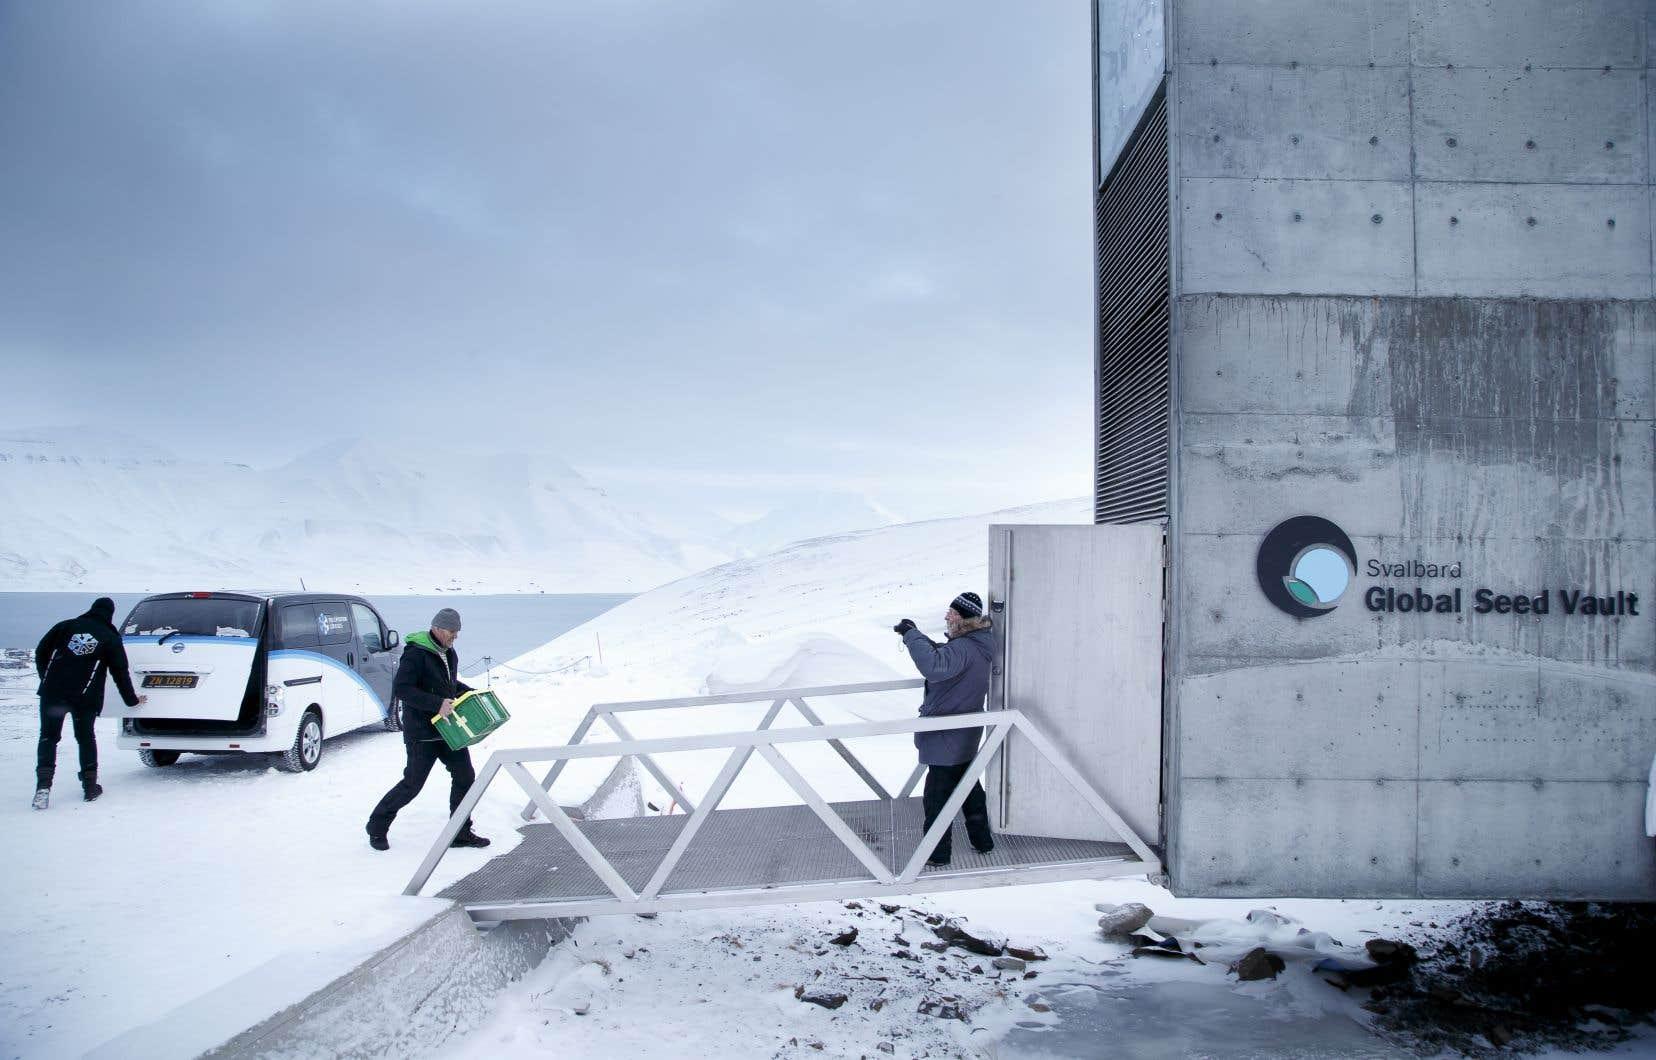 La Réserve mondiale de semences du Svalbard a franchi le million d'échantillons de graines déposés.